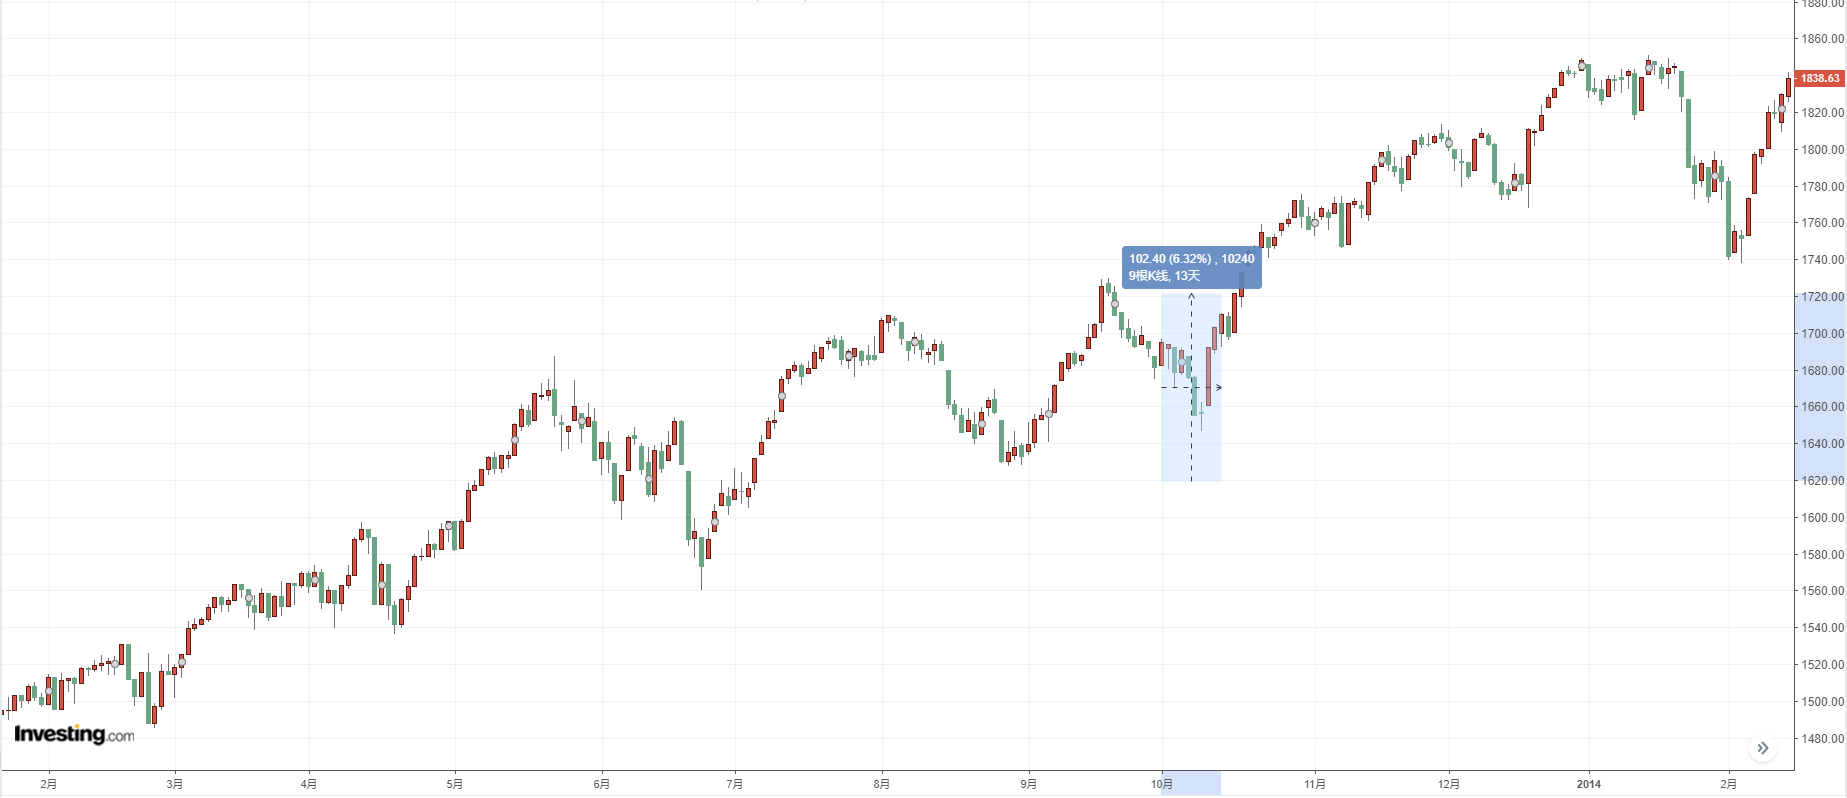 標普500指數日線圖,來源:Investing.com